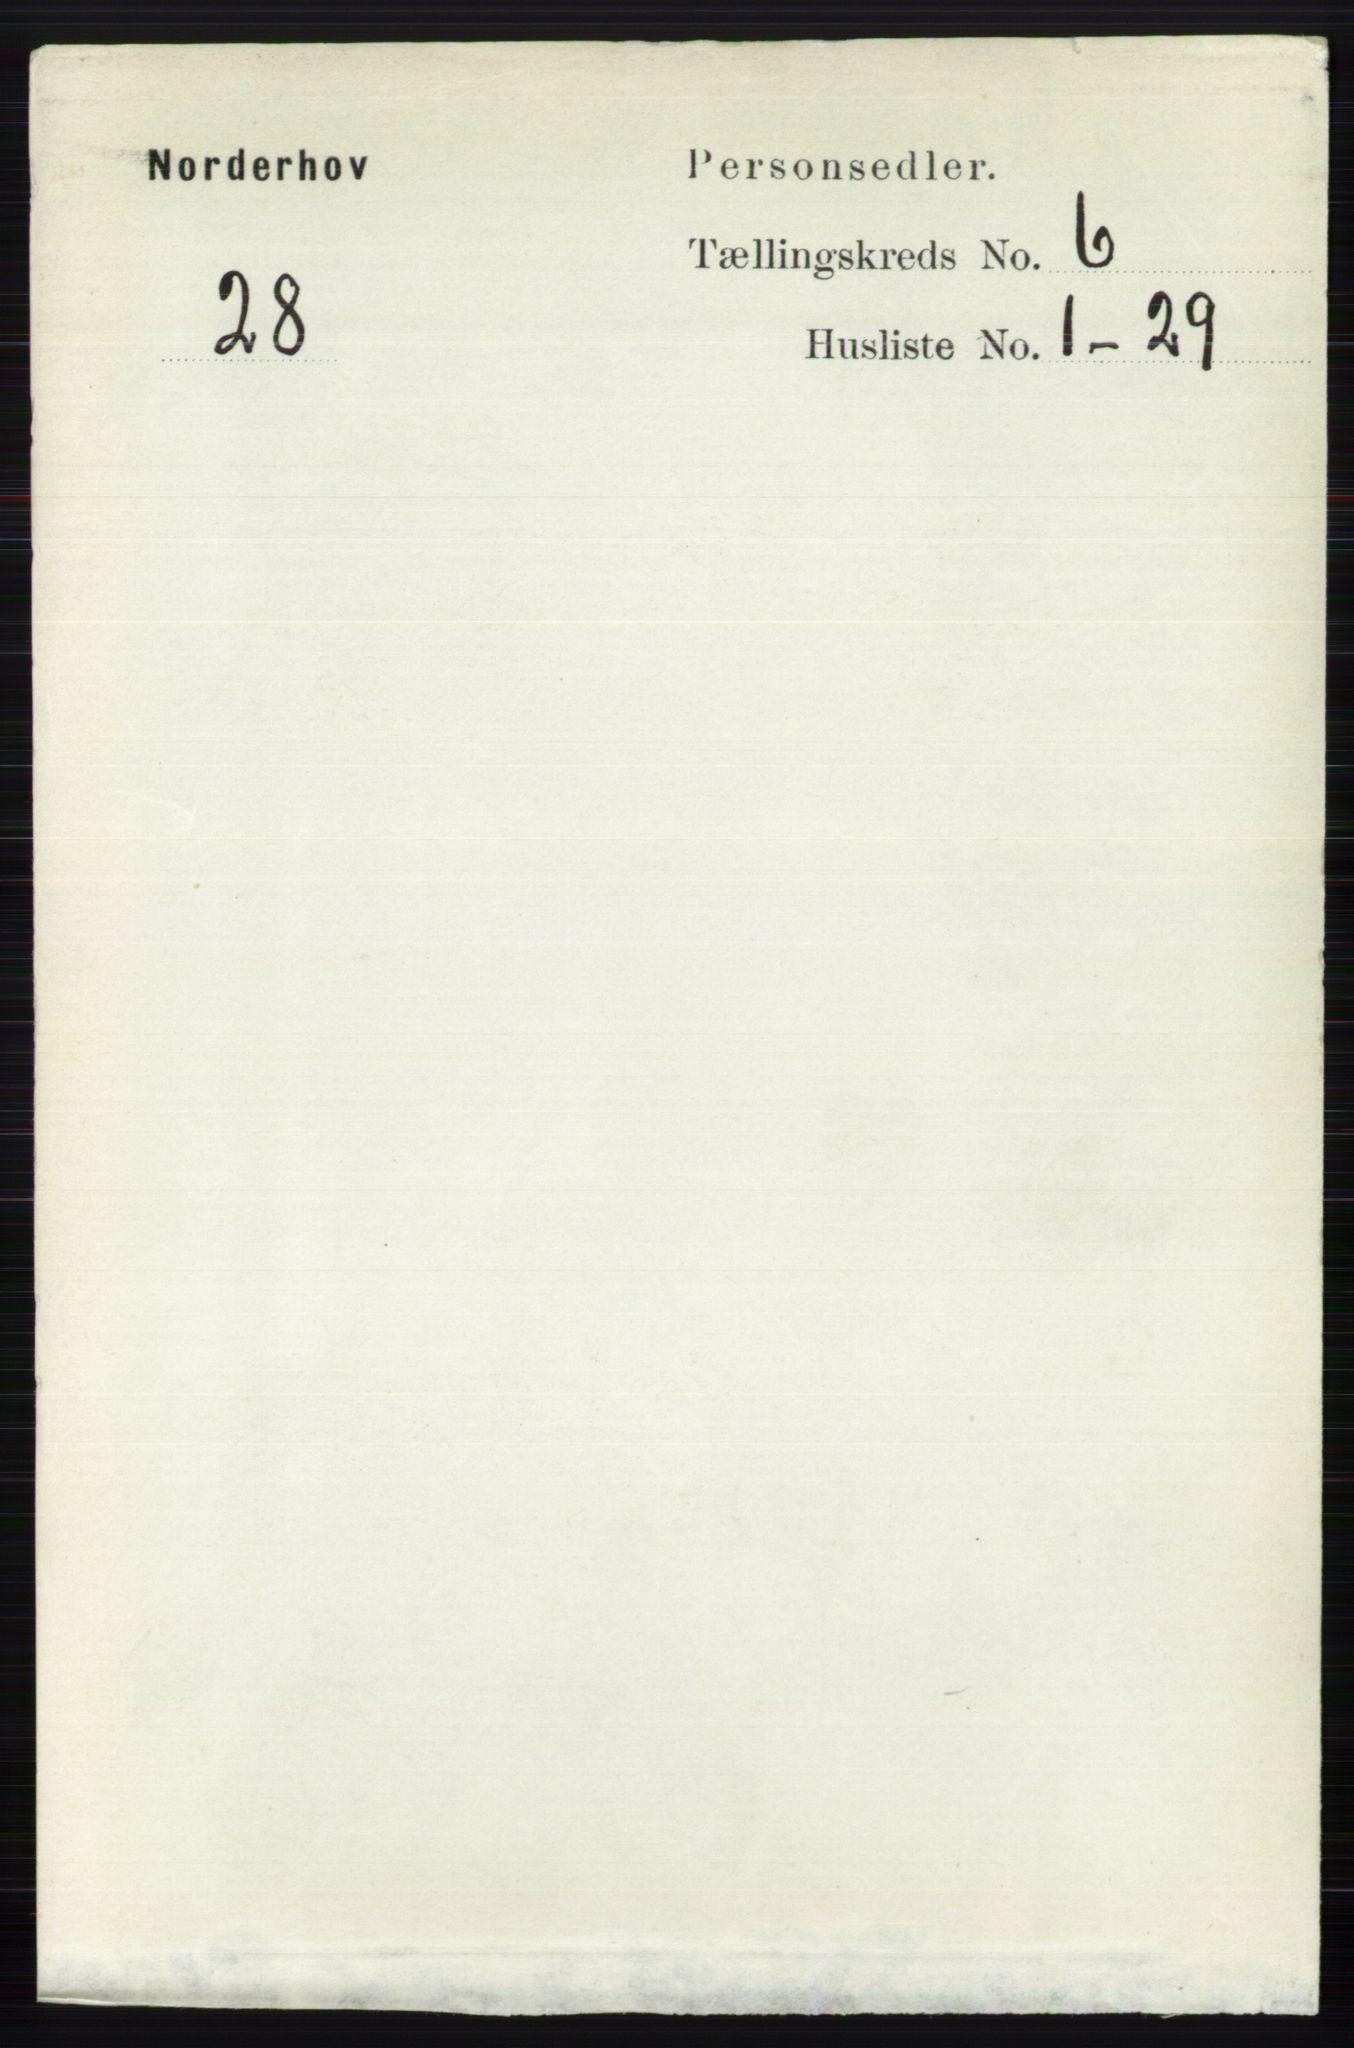 RA, Folketelling 1891 for 0613 Norderhov herred, 1891, s. 3997